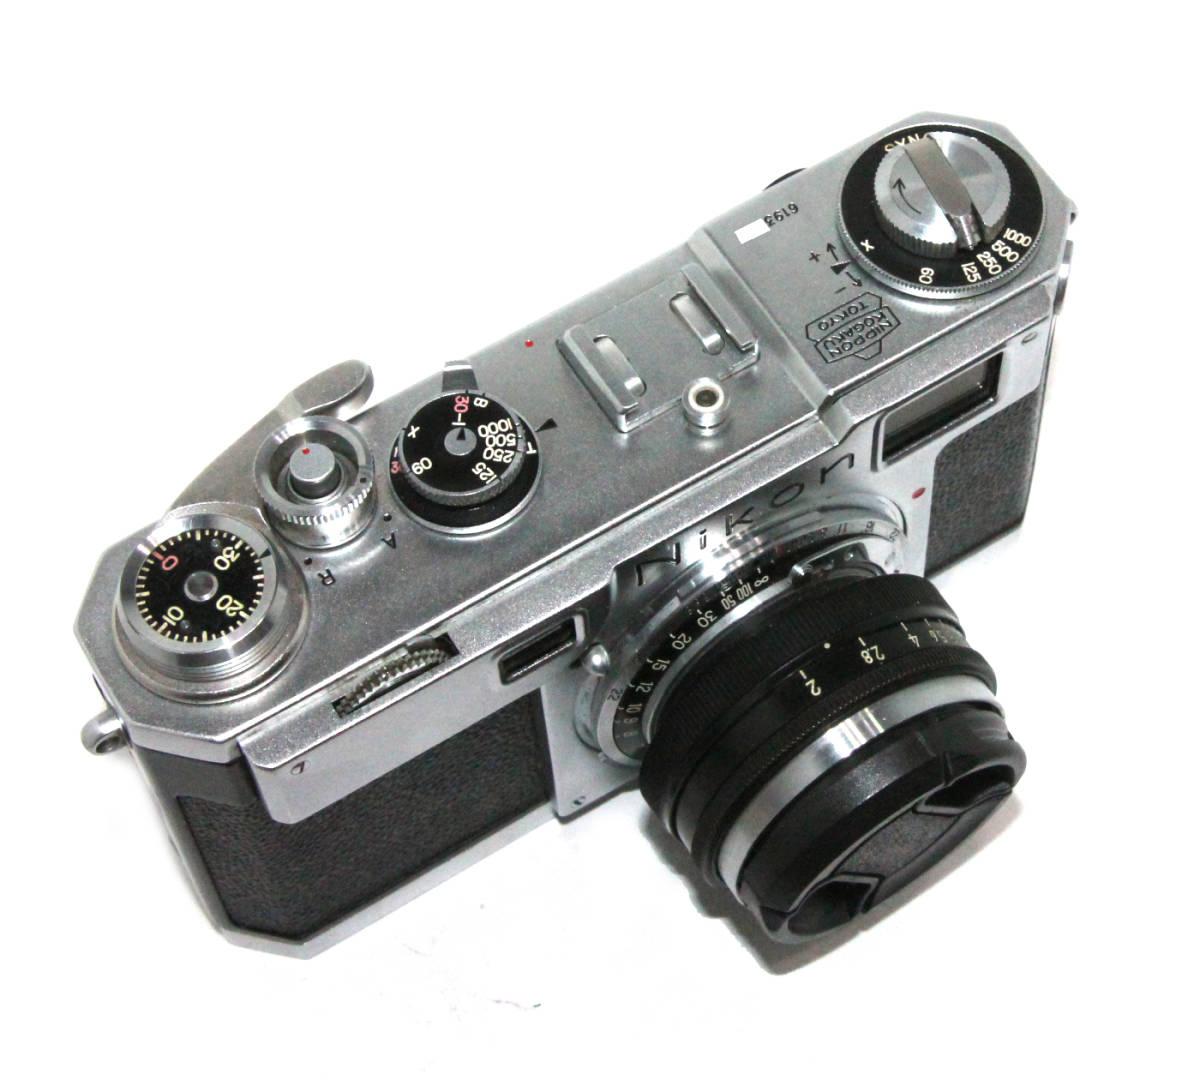 貴重 完動美品 ニコン S2 後期・ブラックダイヤル クロームボディ+50mm F2 後期・ブラック仕様付き_画像3